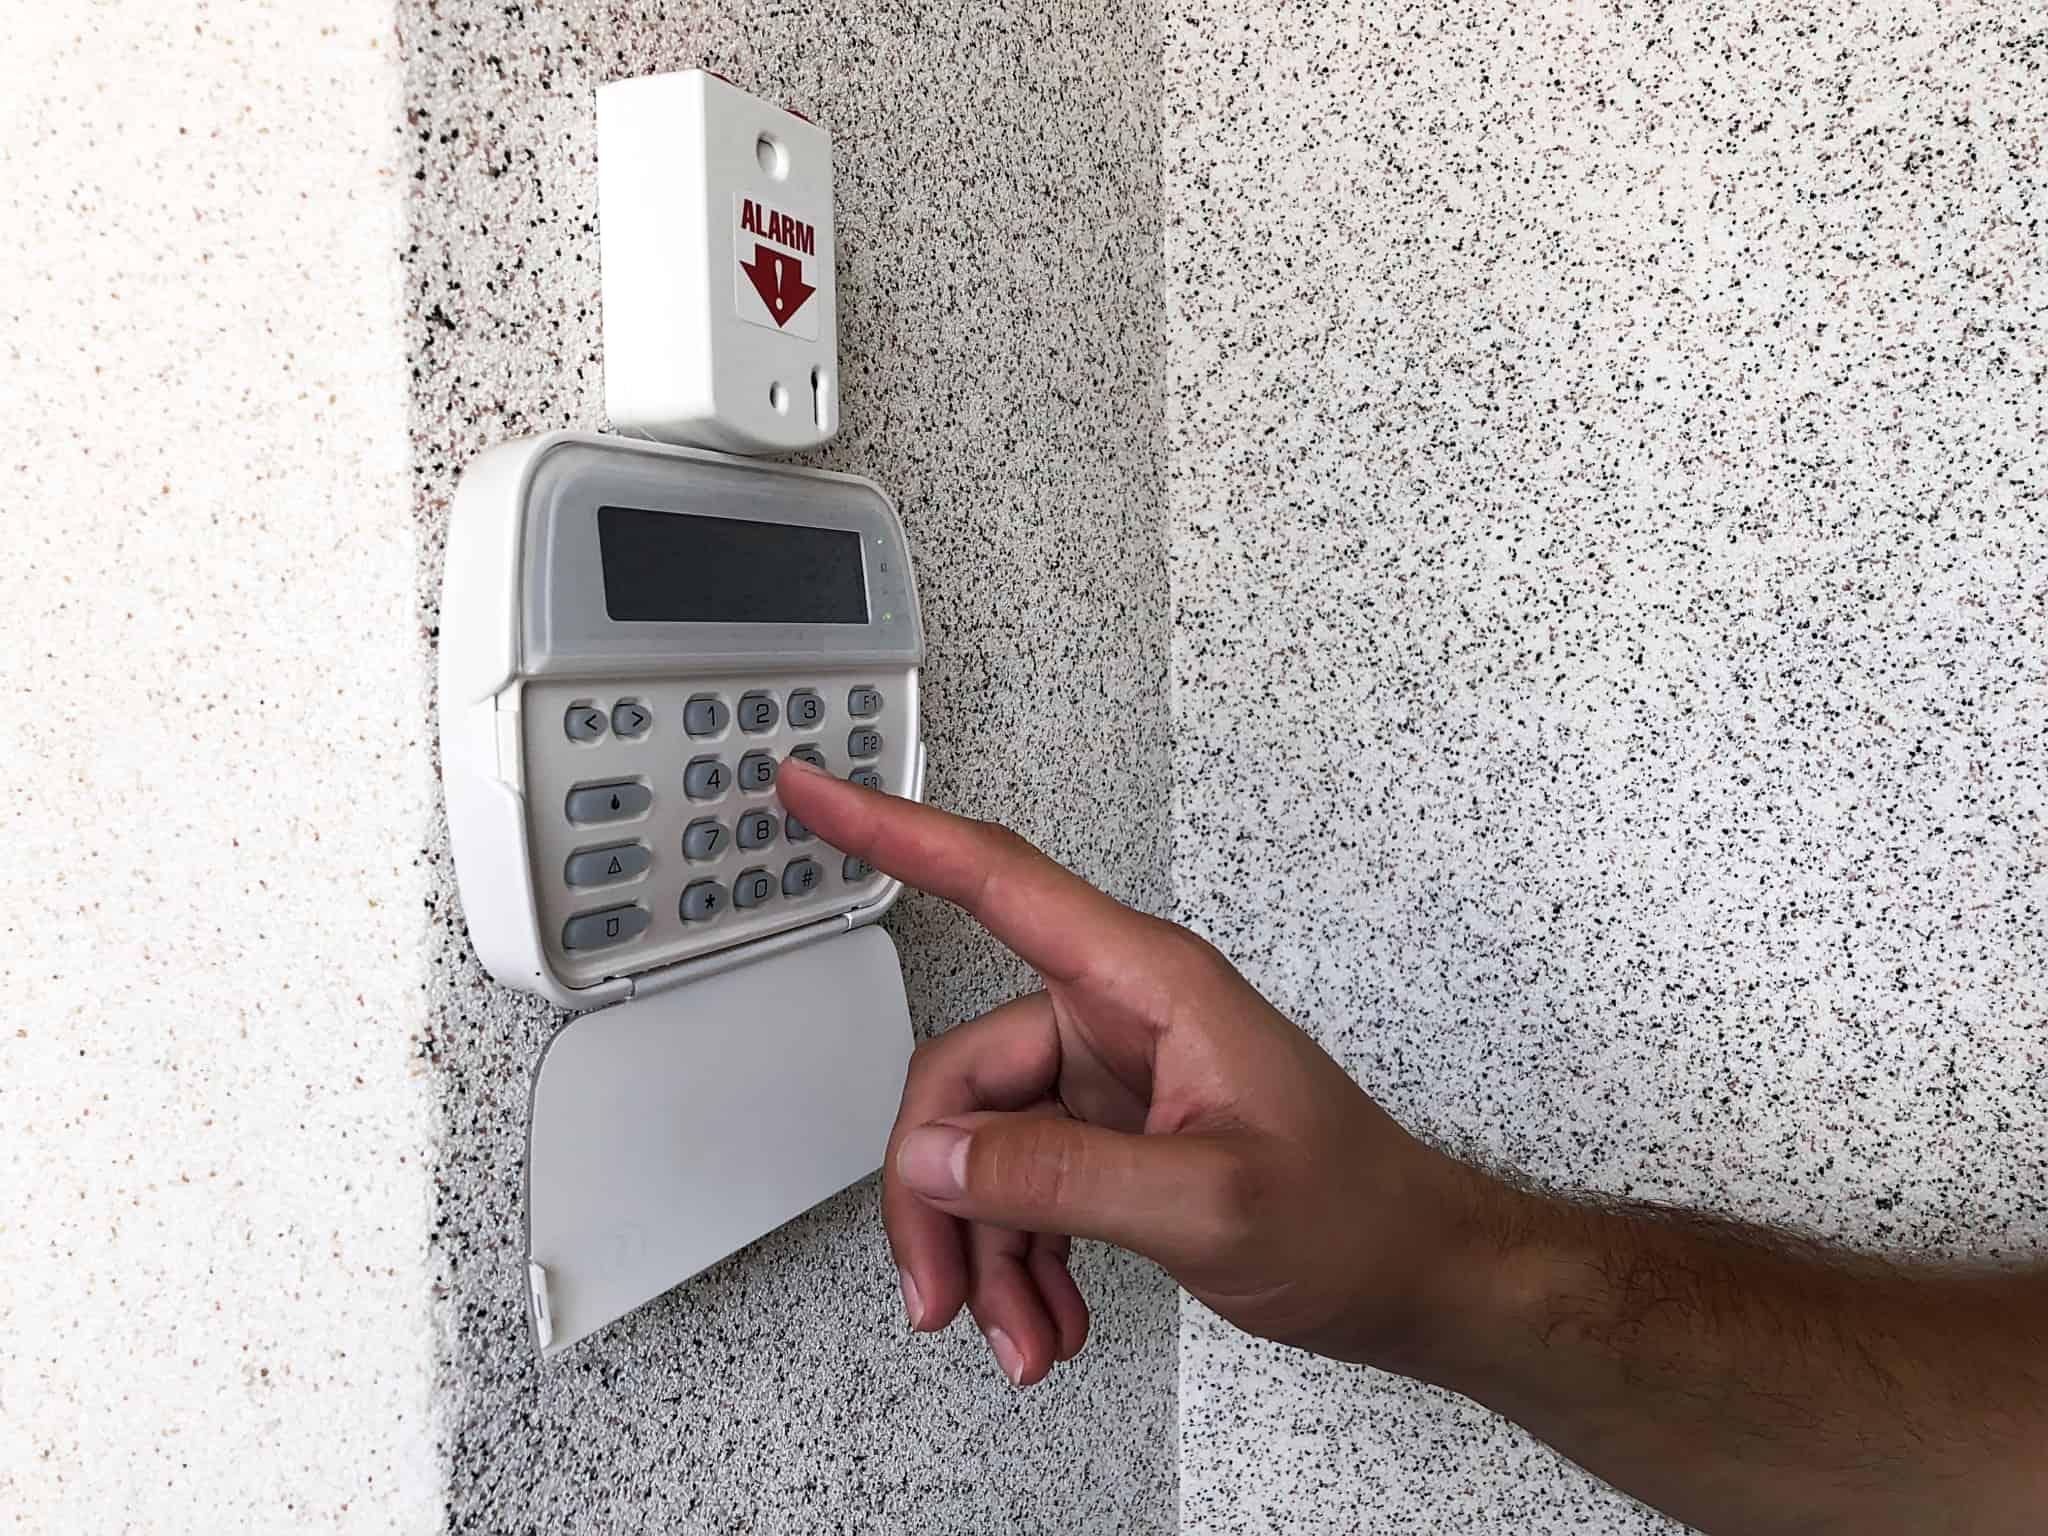 pessoa a colocar o alarme de casa ao digitar numeros